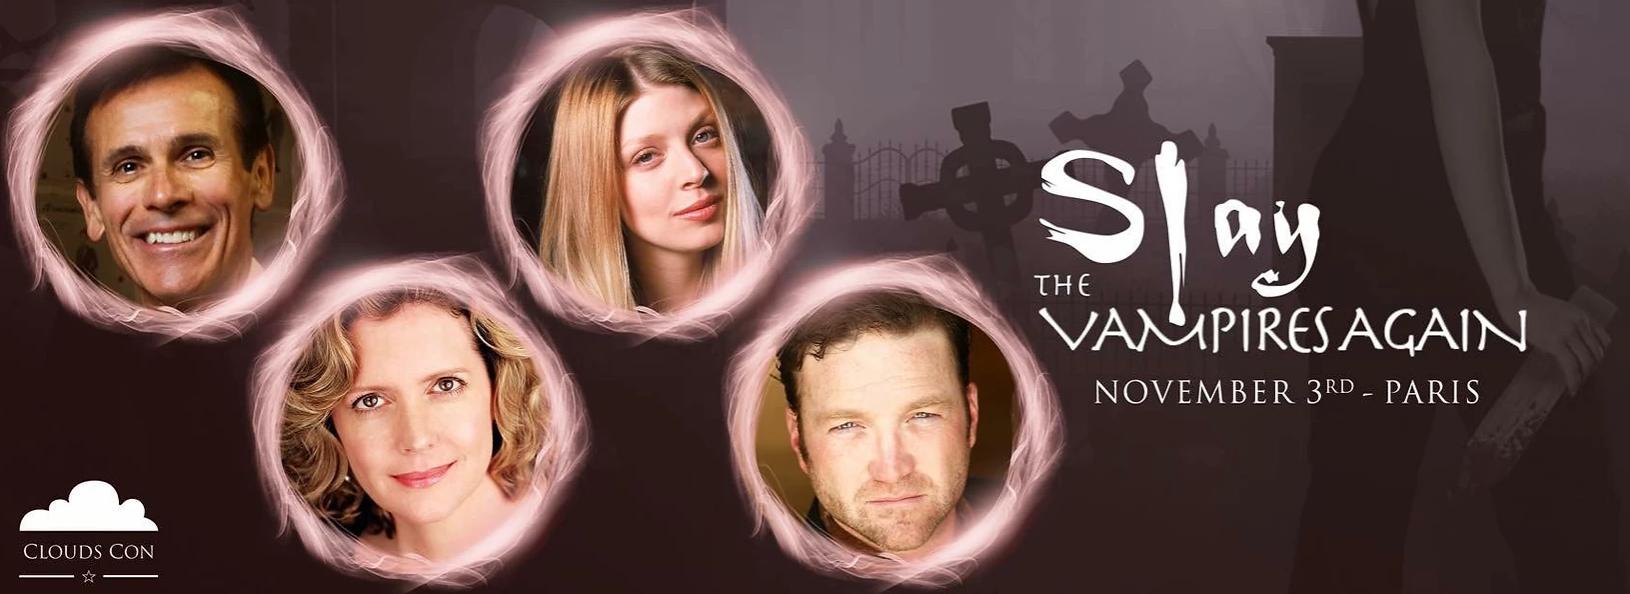 Slay the Vampires 2